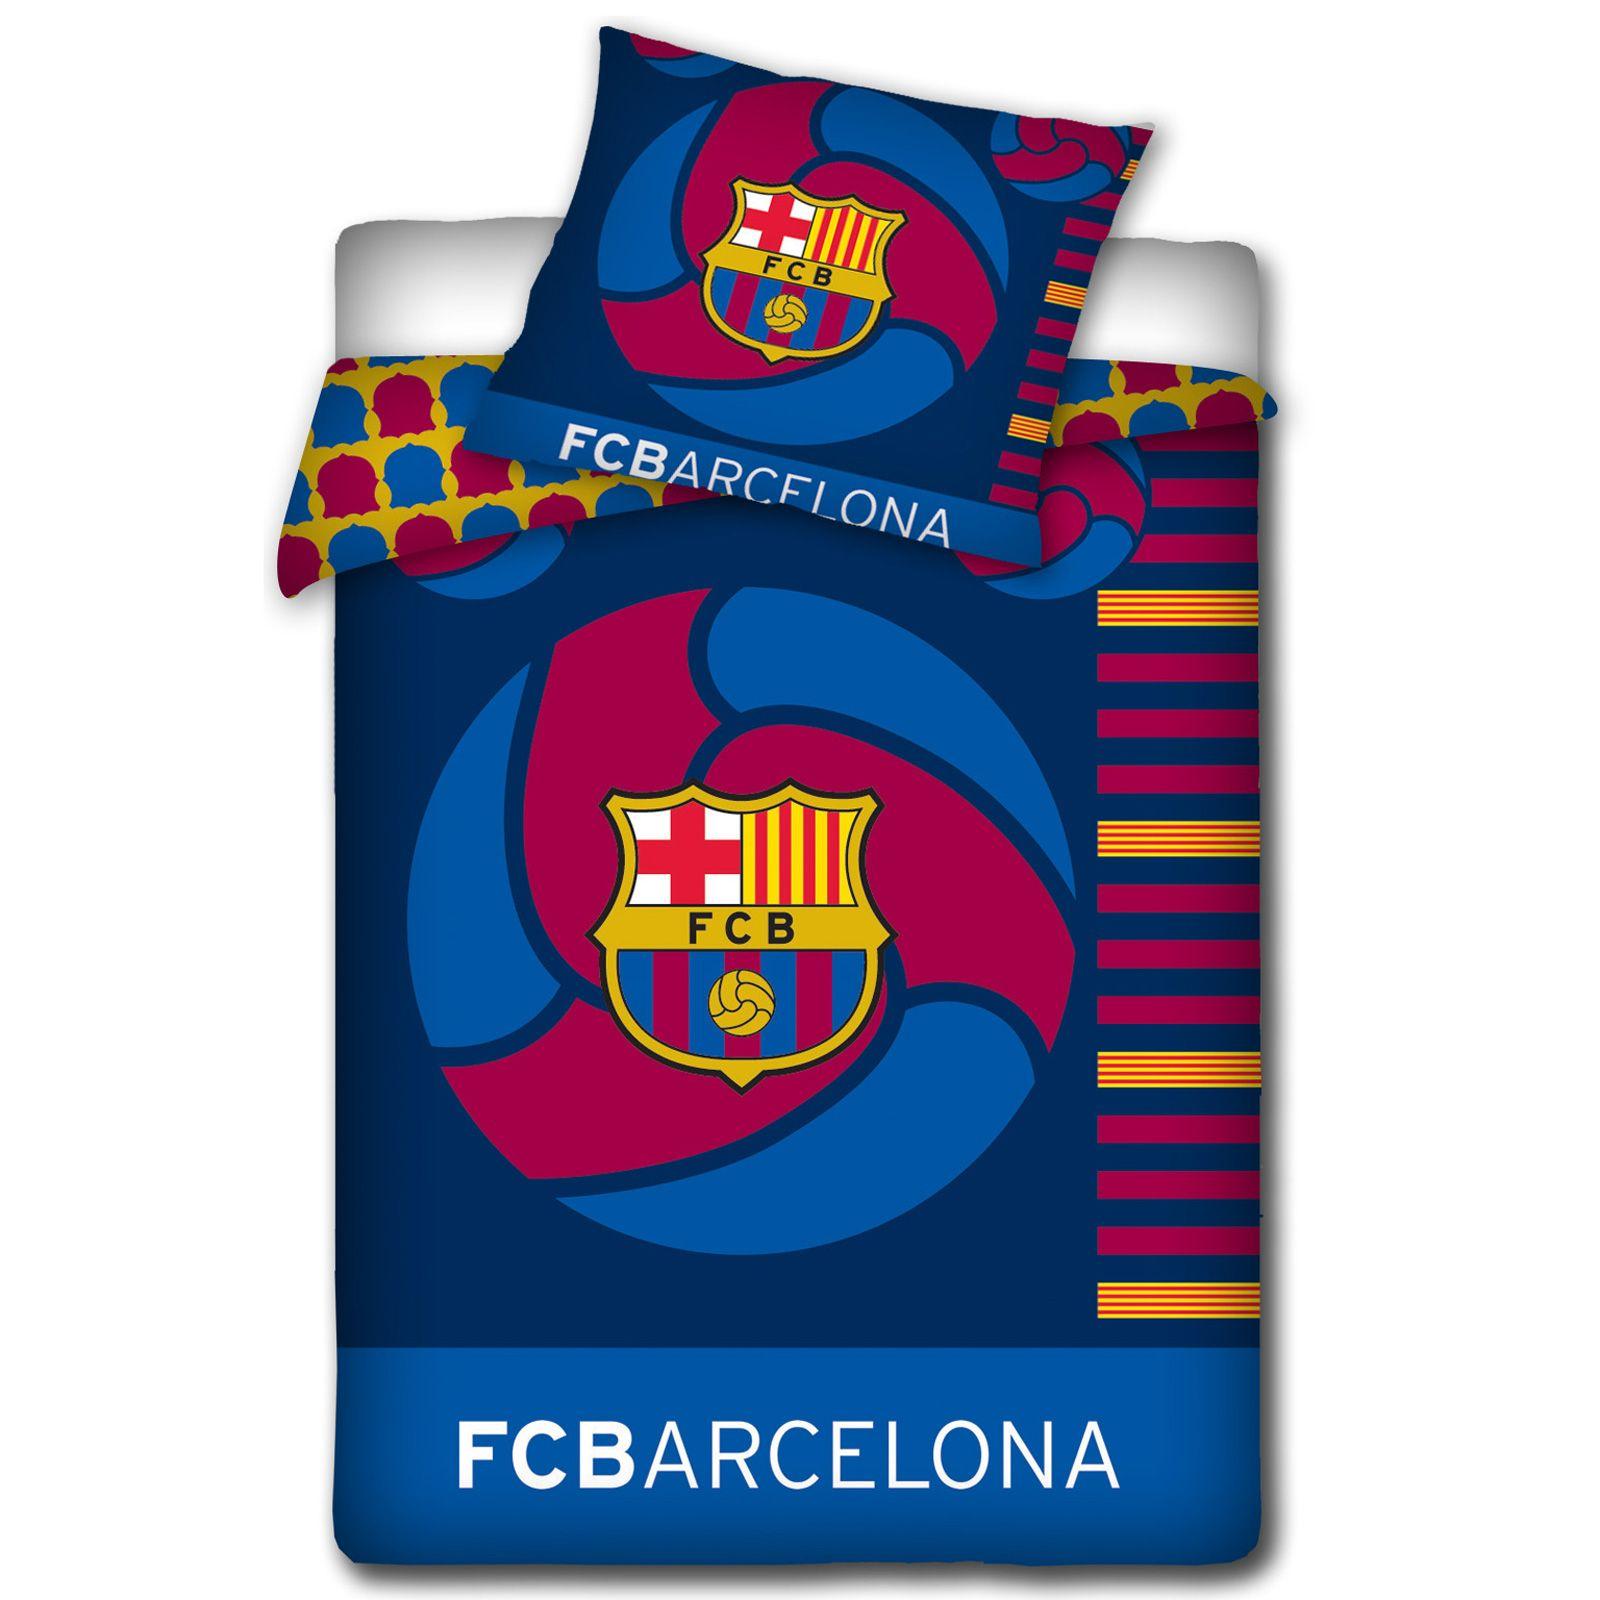 OFFICIAL FC BARCELONA DUVET COVER SETS BEDDING BEDROOM FOOTBALL NEW. OFFICIAL FC BARCELONA DUVET COVER SETS BEDDING BEDROOM FOOTBALL